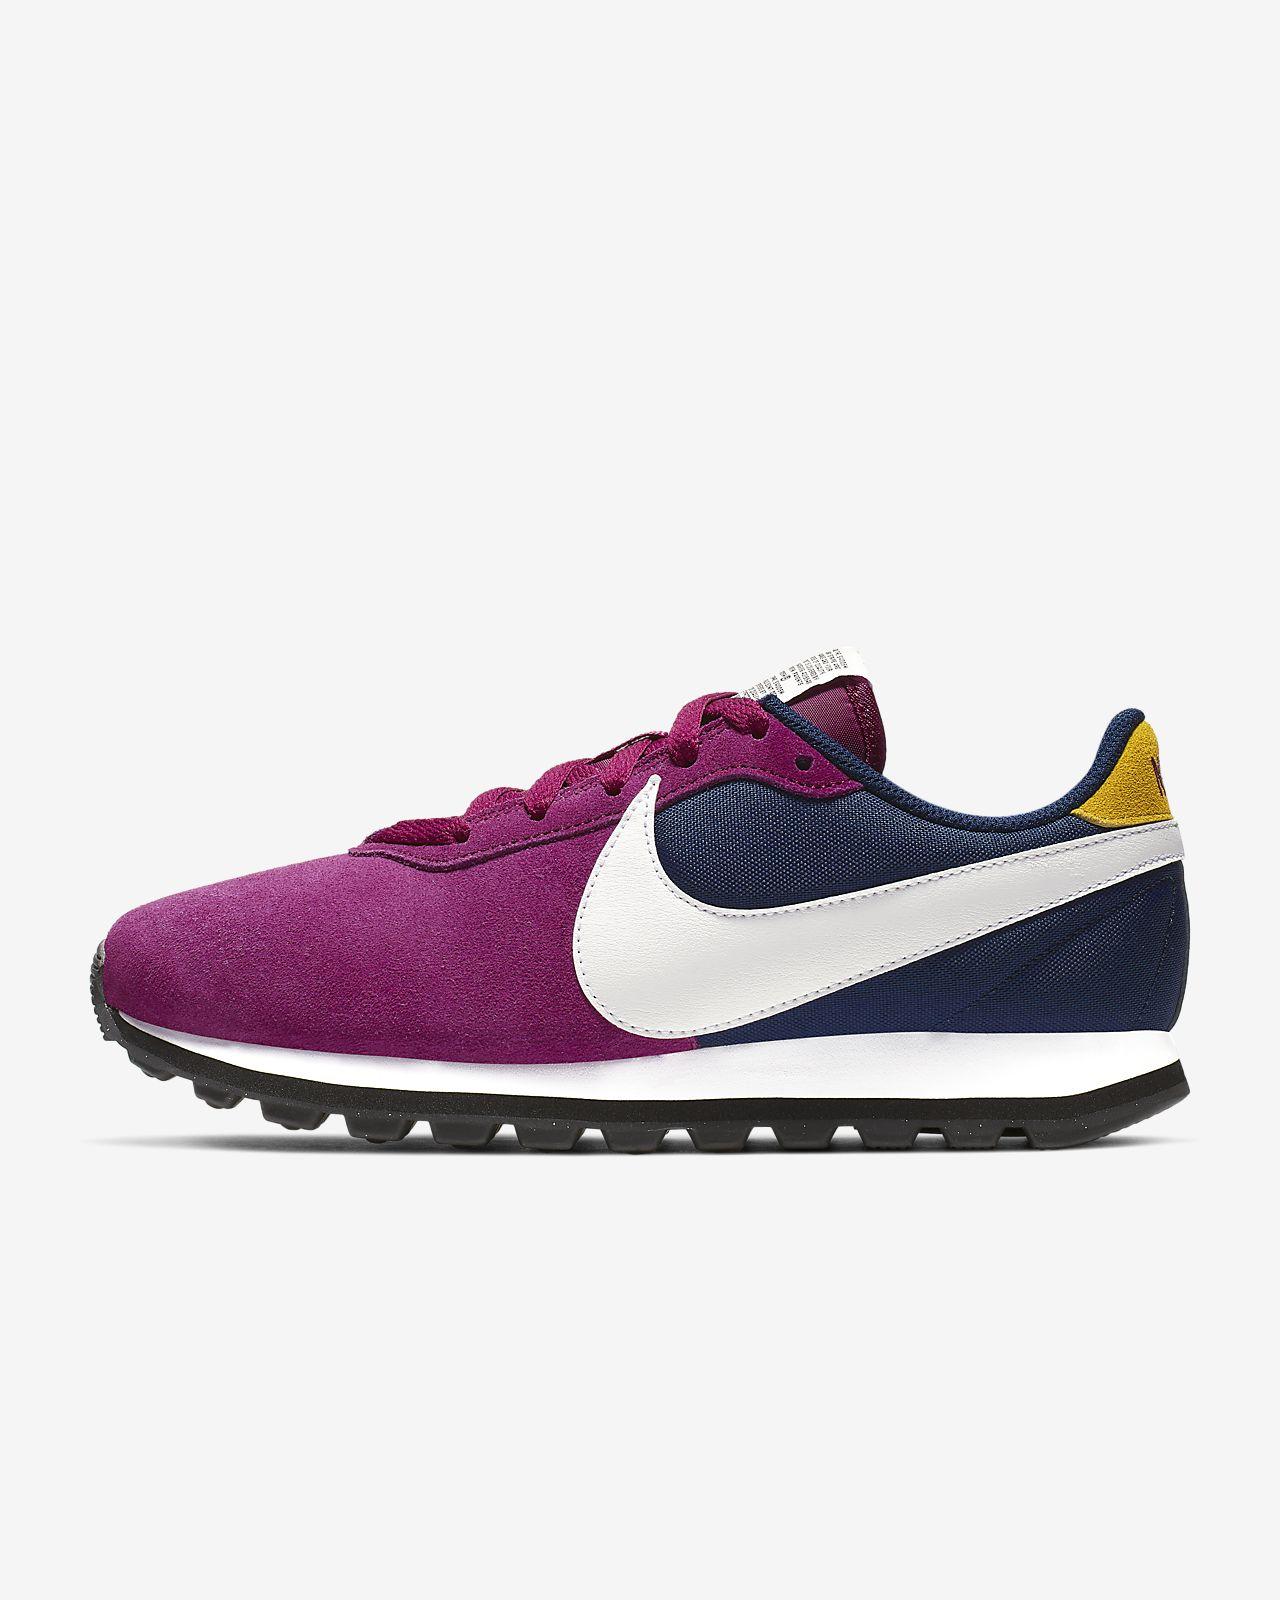 online store d0faa 2170a ... Nike Pre-Love O.X. Women s Shoe